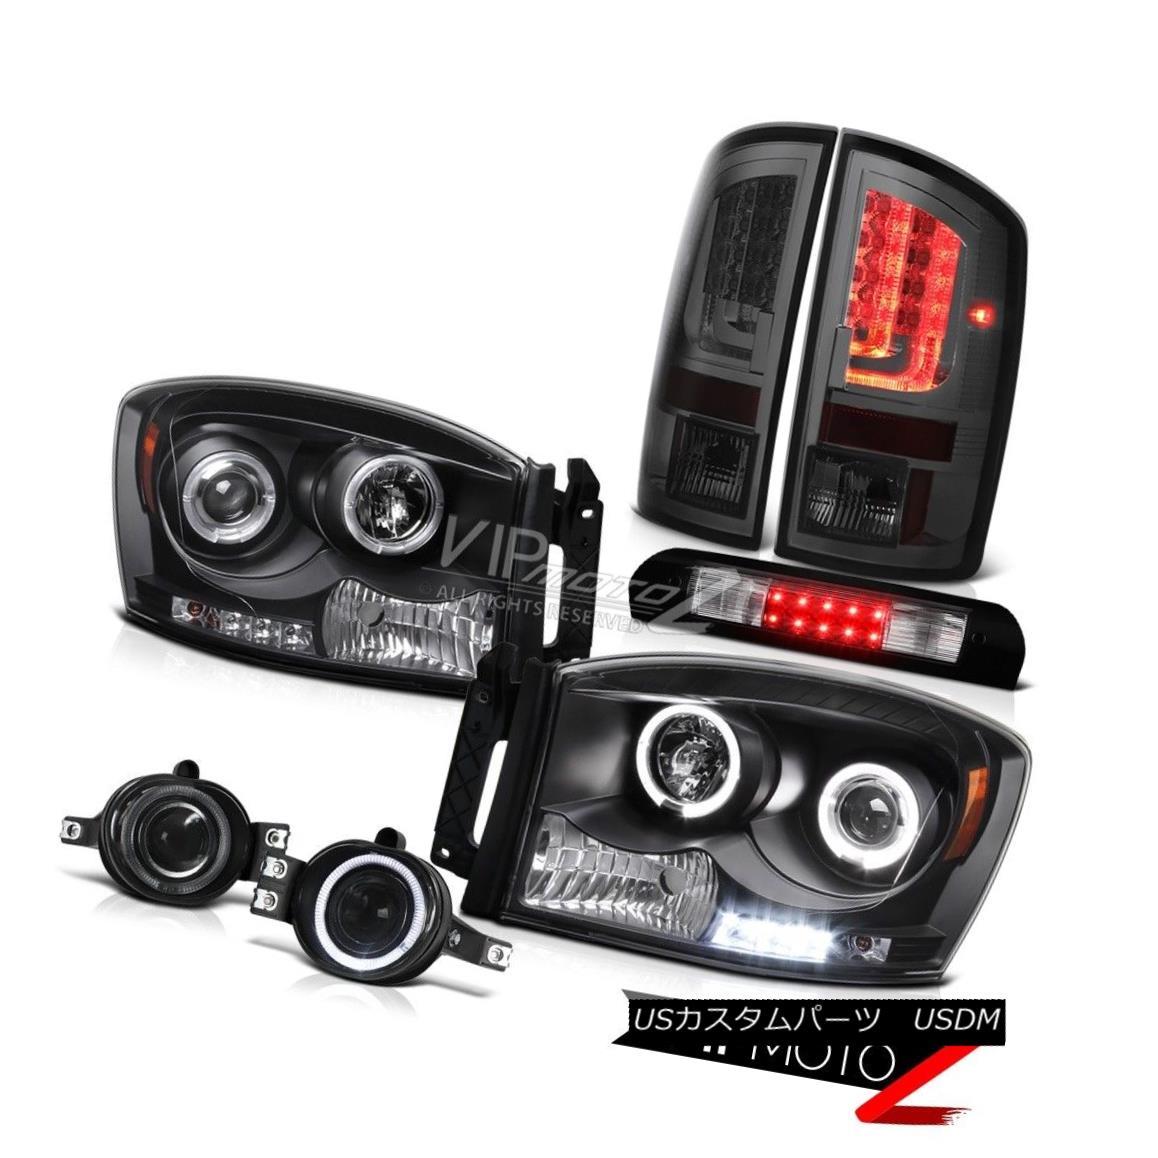 ヘッドライト 2006 Ram 2500 Smoked Taillights Inky Black Headlights Fog Lamps 3RD Brake Lamp 2006 Ram 2500スモークテイルライトインキブラックヘッドライトフォグランプ3RDブレーキランプ